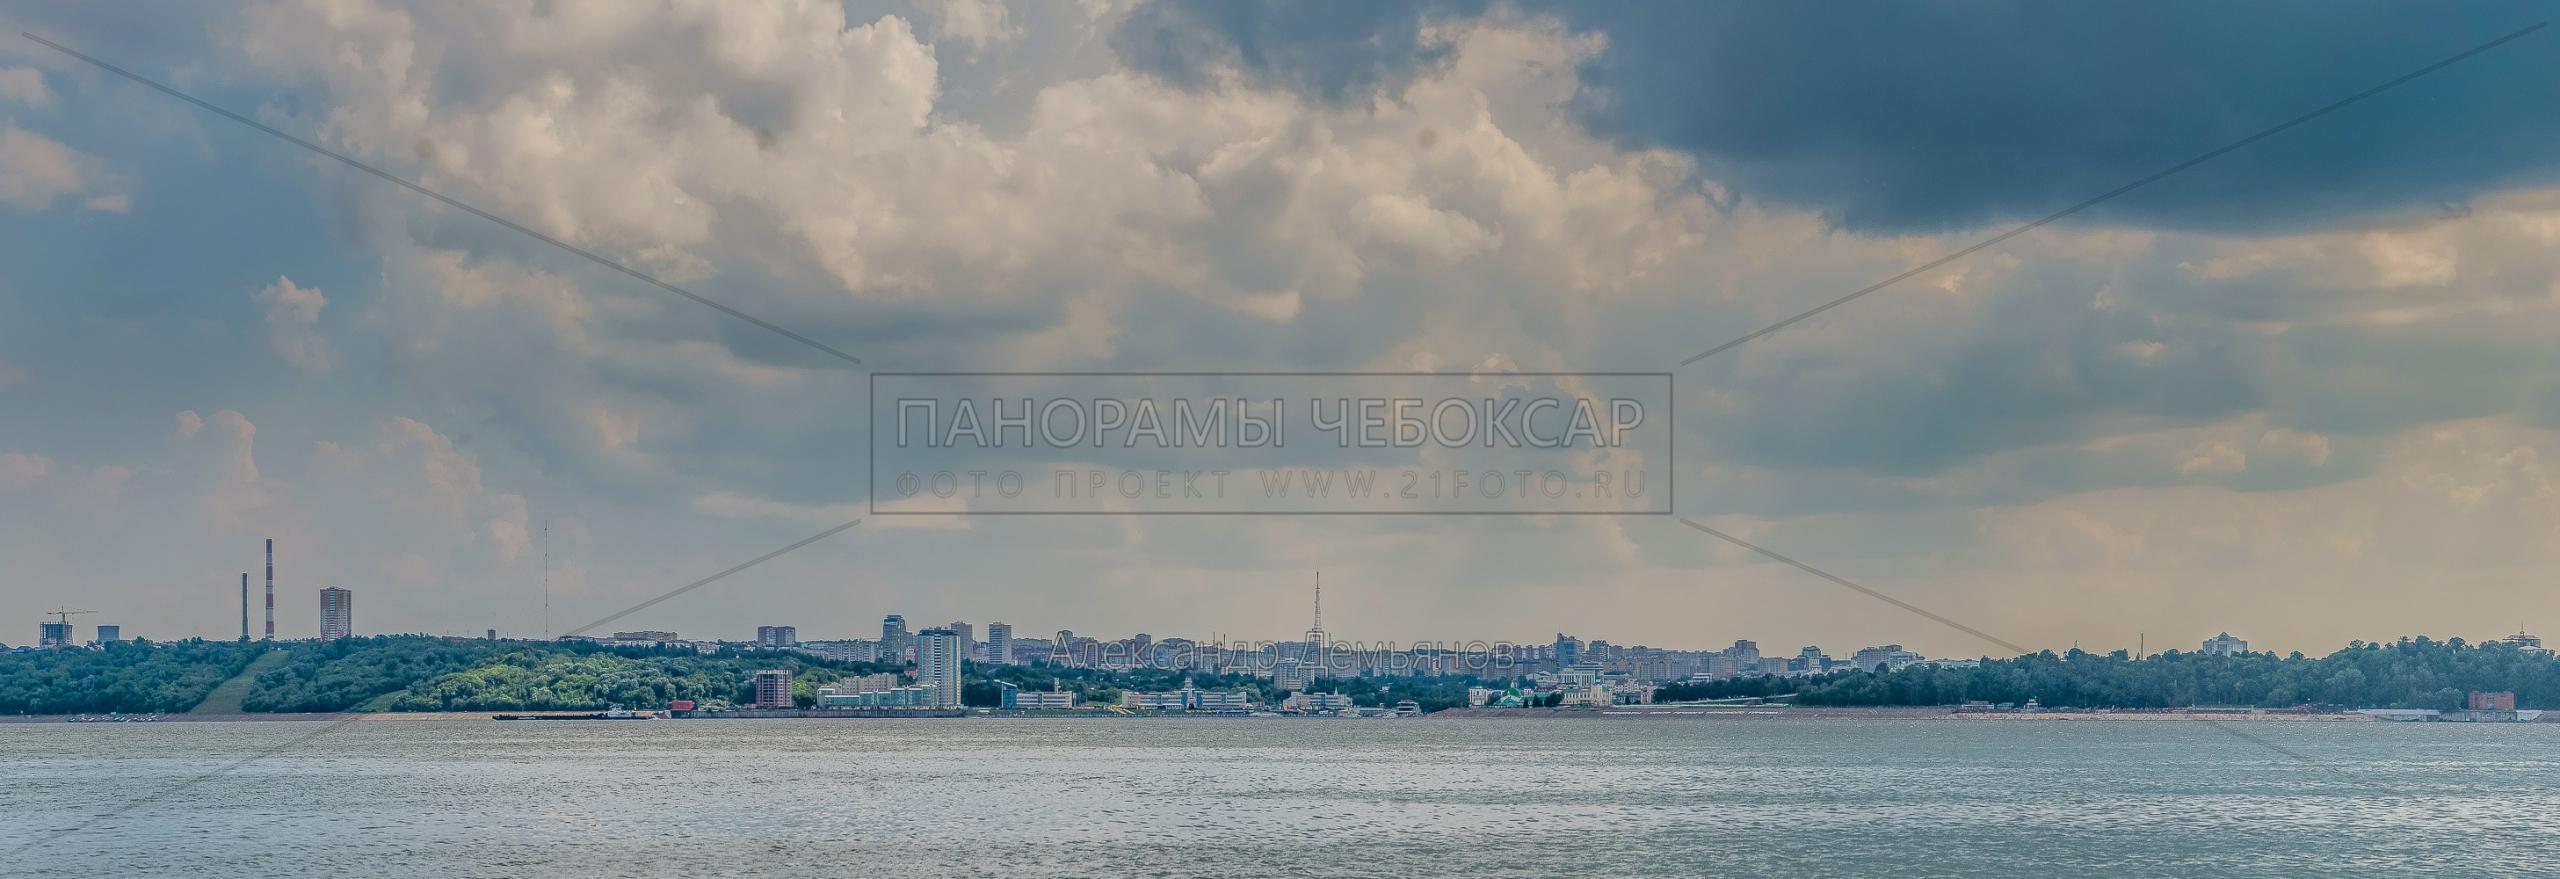 Фото Чебоксары с левого берега Волги летом 2018